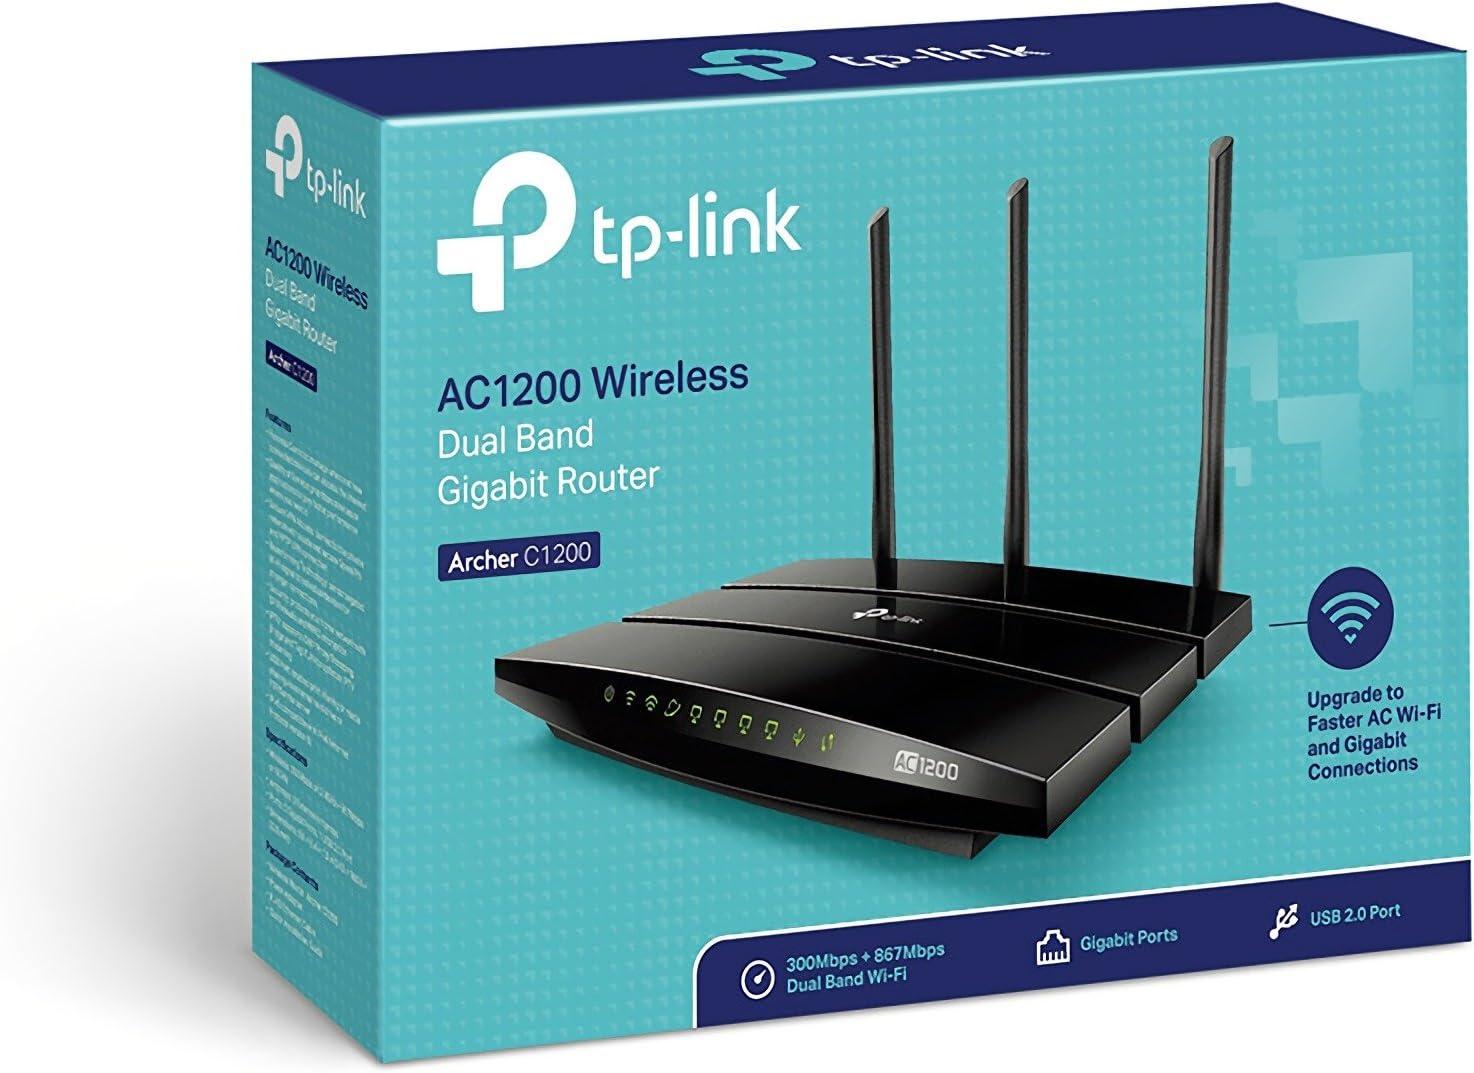 TP-Link Archer C1200 - Router Gigabit inalámbrico de doble banda, 2.4 GHz a 300 Mbps y 5 GHz a 867 Mbps, Gigabit Puerto, USB 2.0, 3 antenas externas ...